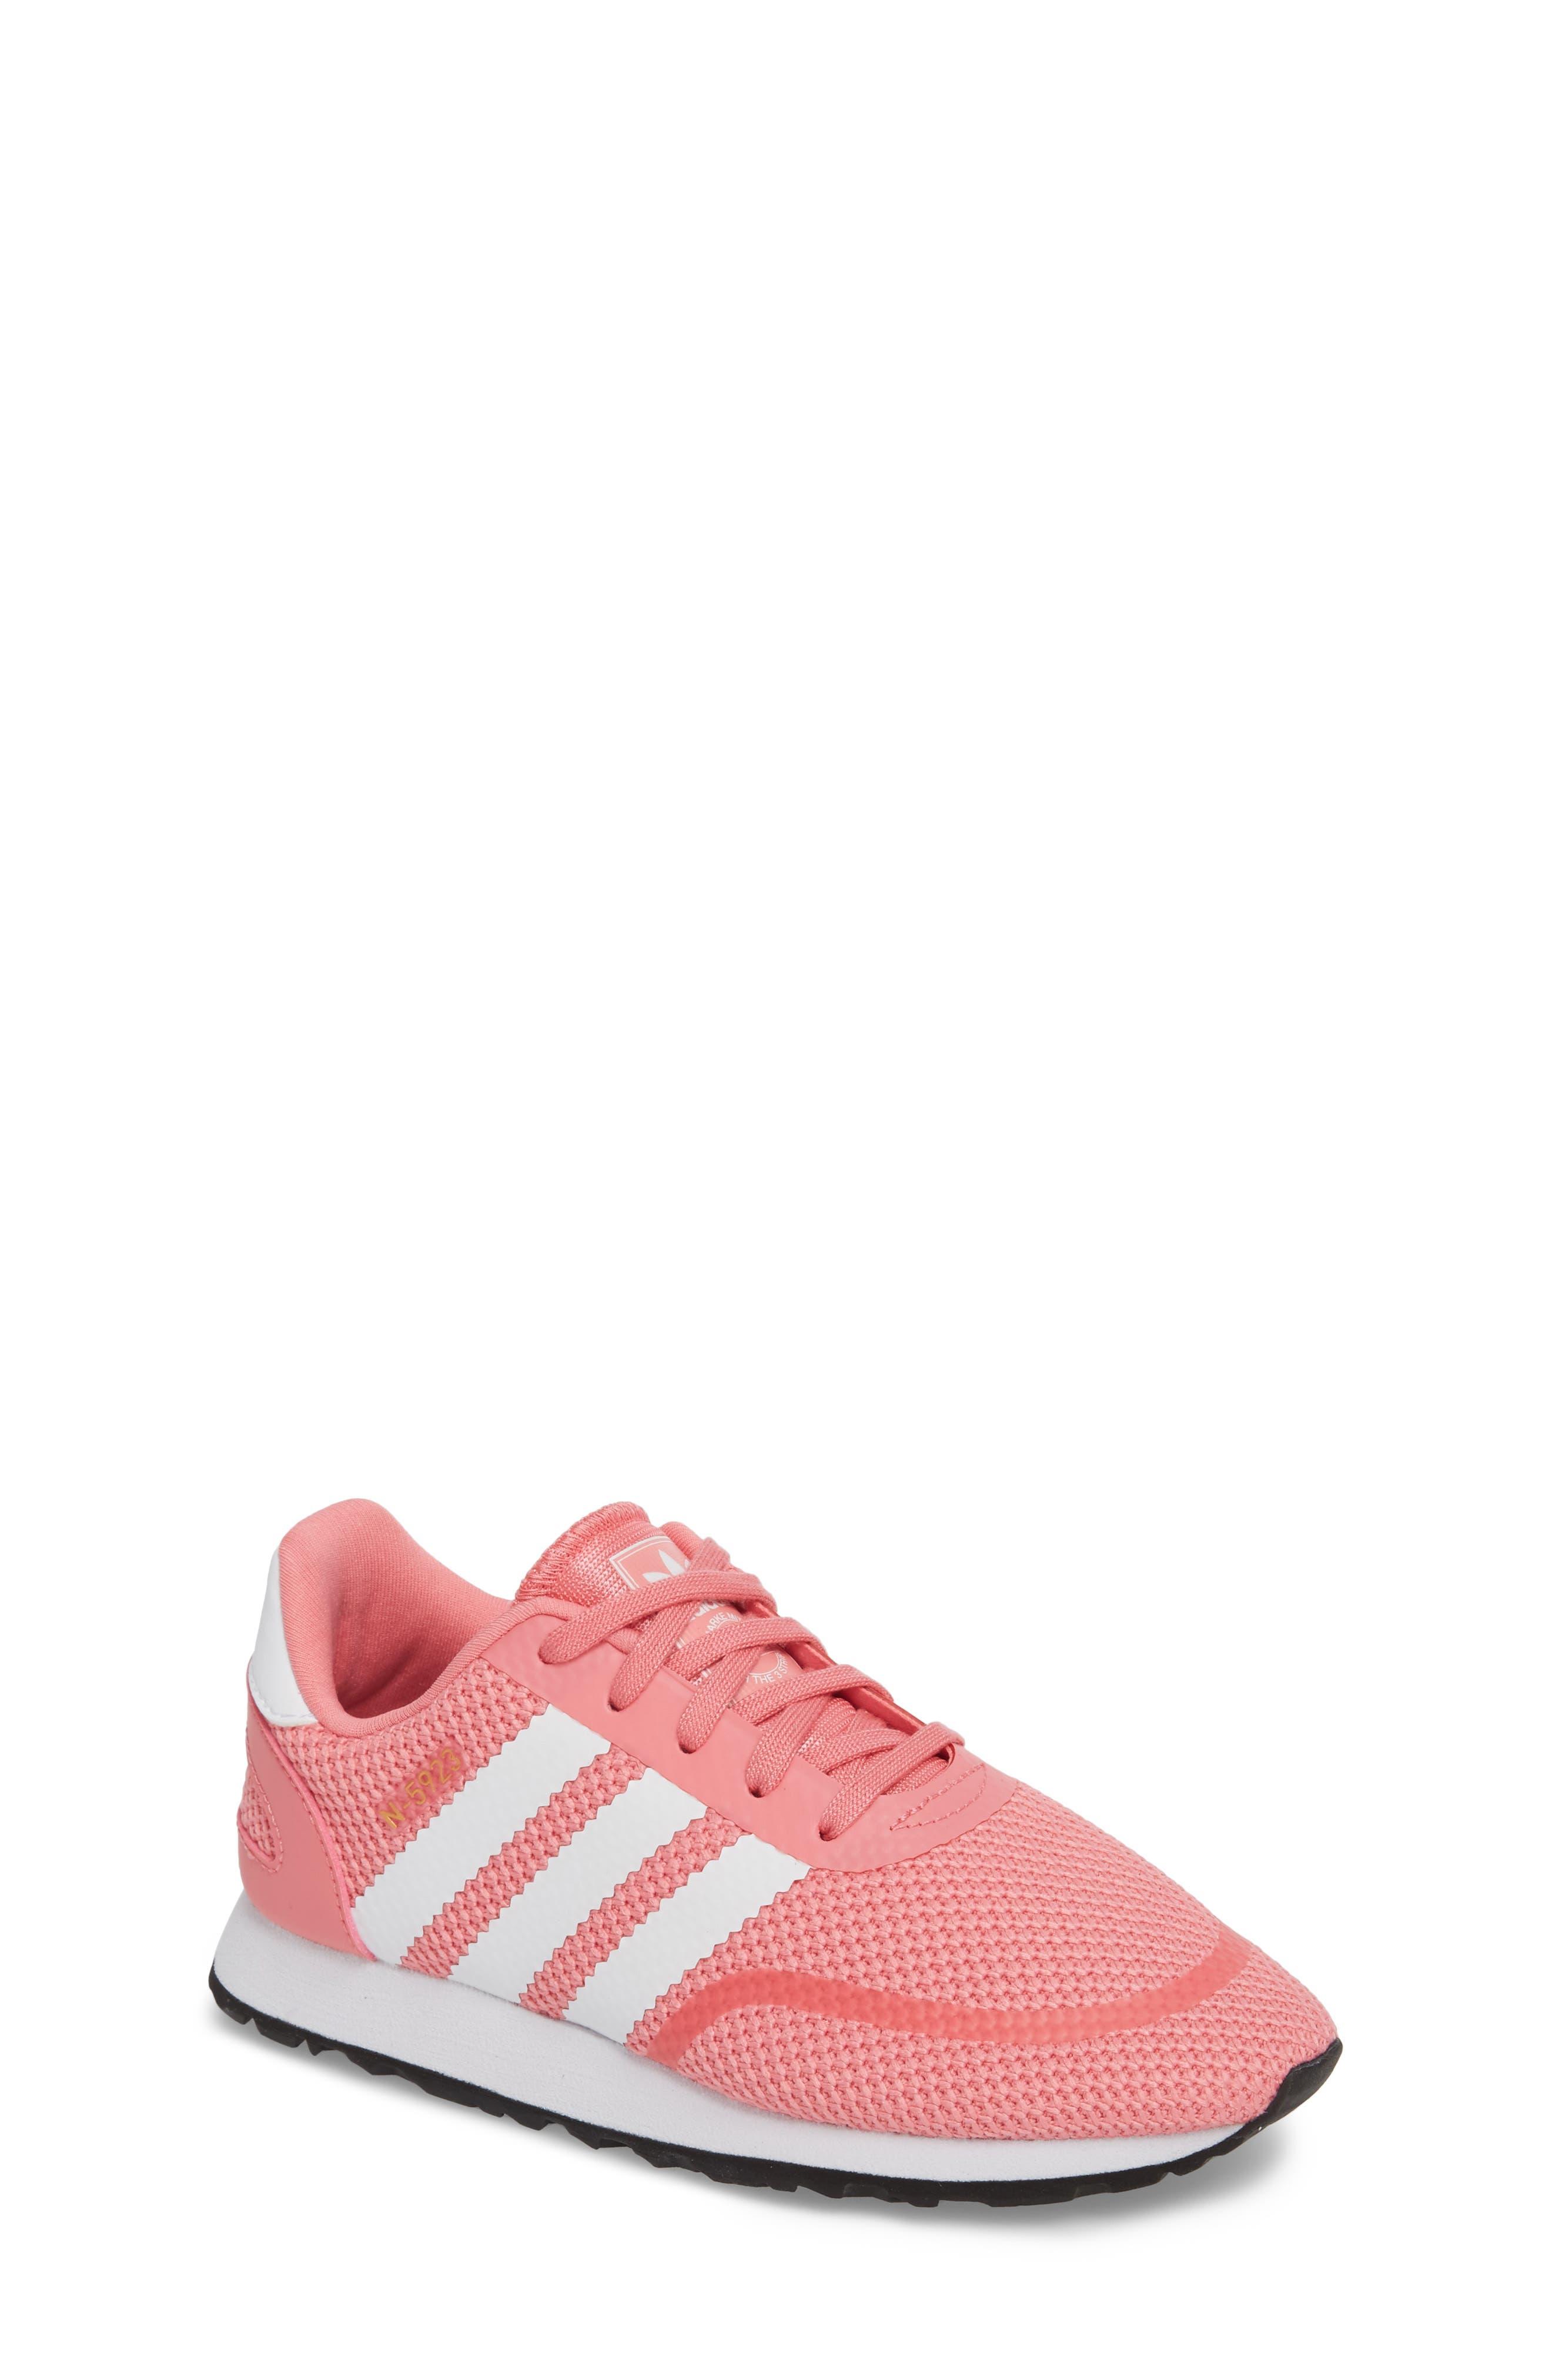 N-5923 Sneaker,                             Main thumbnail 1, color,                             Chalk Pink / White / White